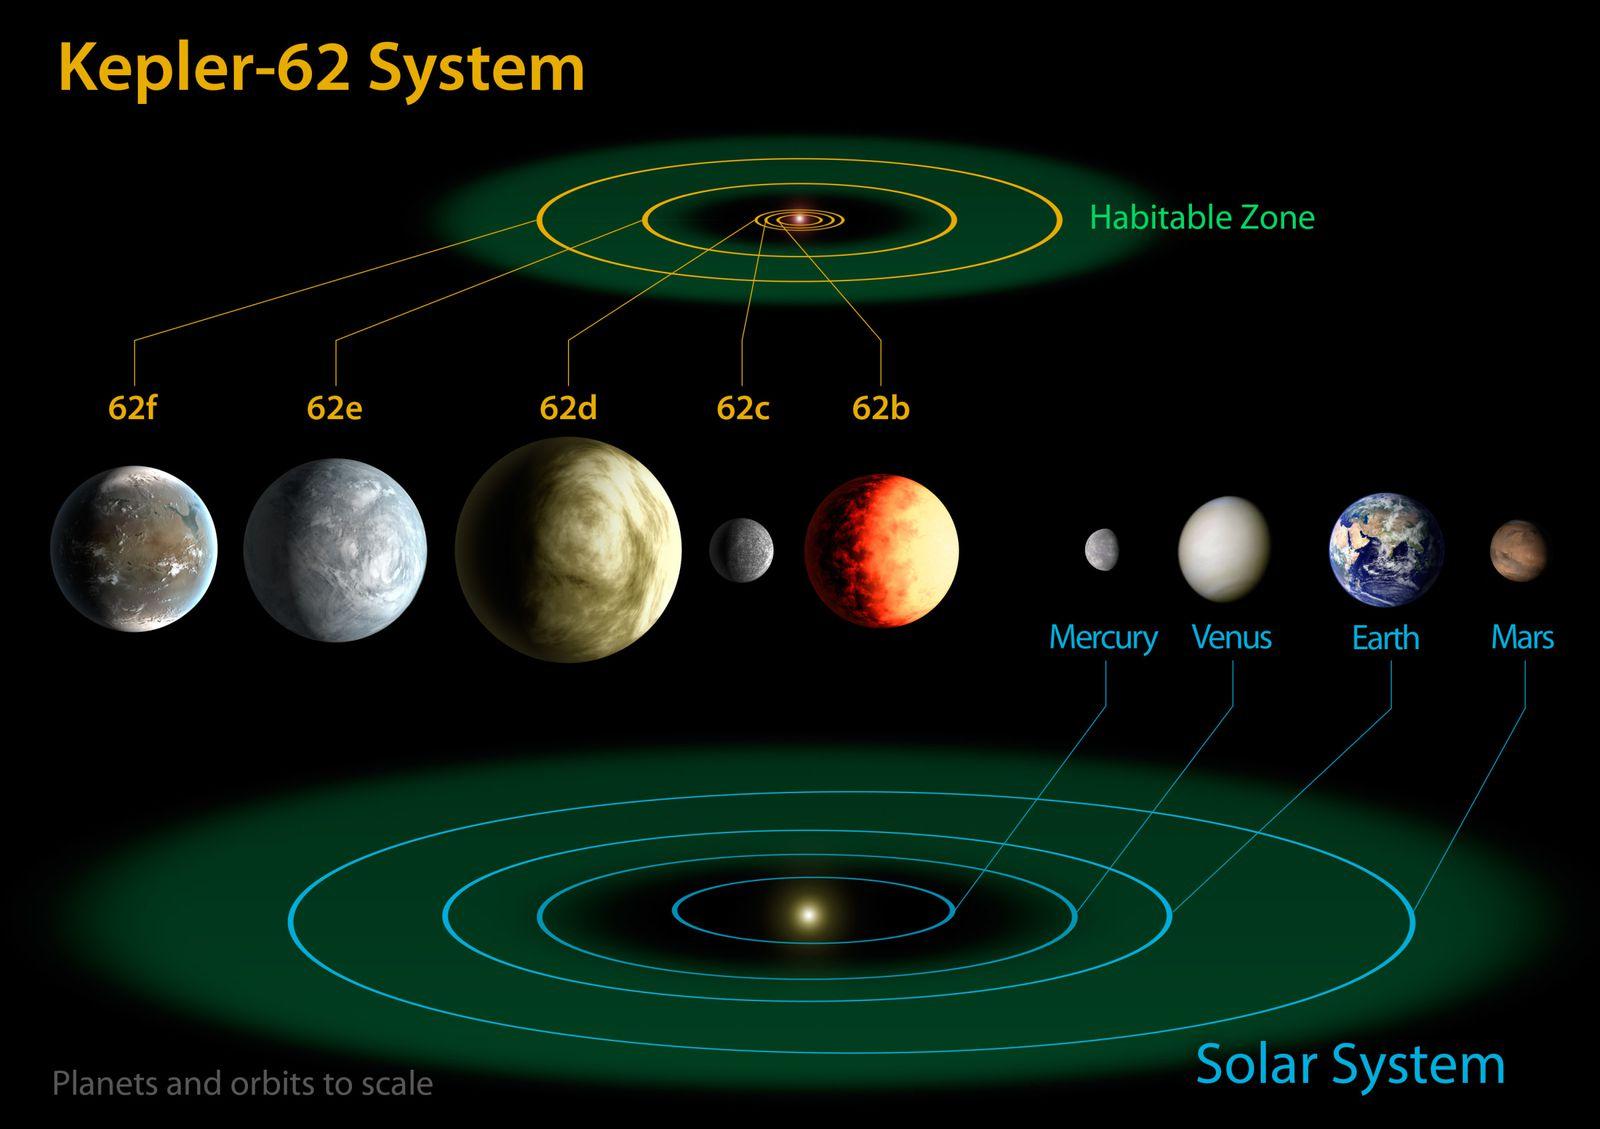 """Orbite e dimensioni a confronto tra i pianeti di Kepler-62 e i pianeti interni del sistema solare. <span class=""""di"""">Cortesia: NASA Ames/JPL-Caltech</span>"""